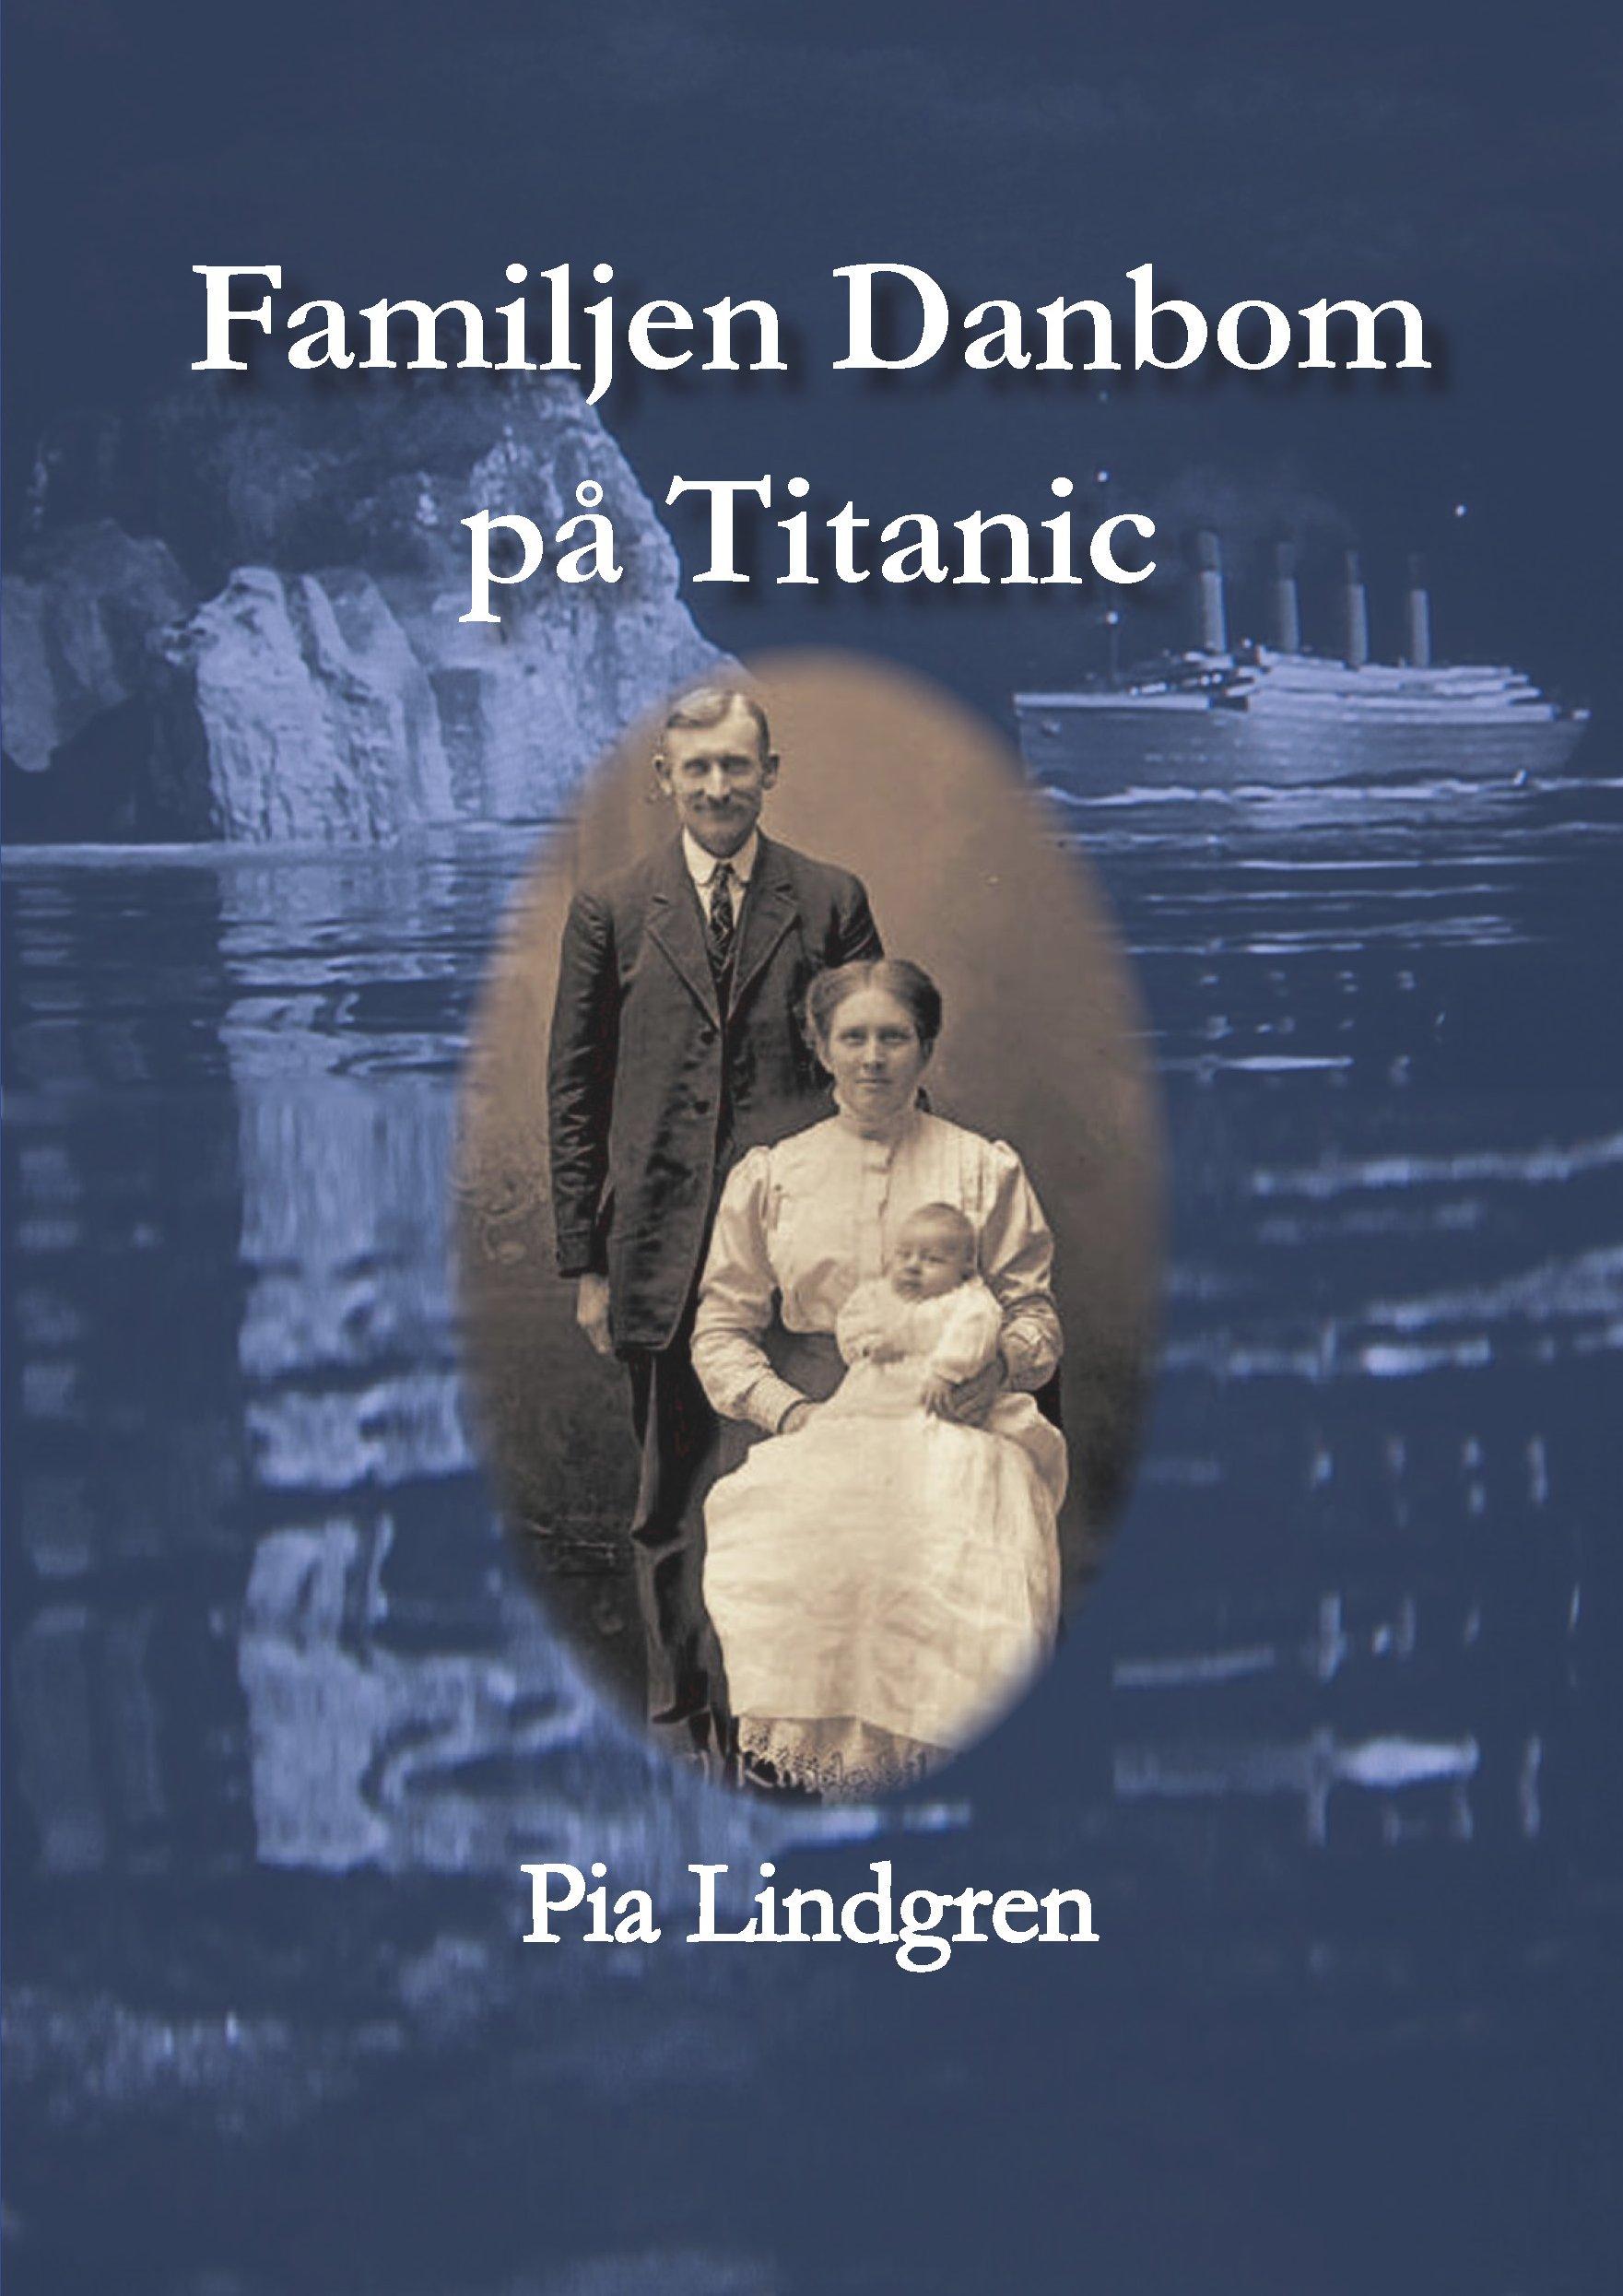 Familjen Danbom på Titanic av Pia Lindgren